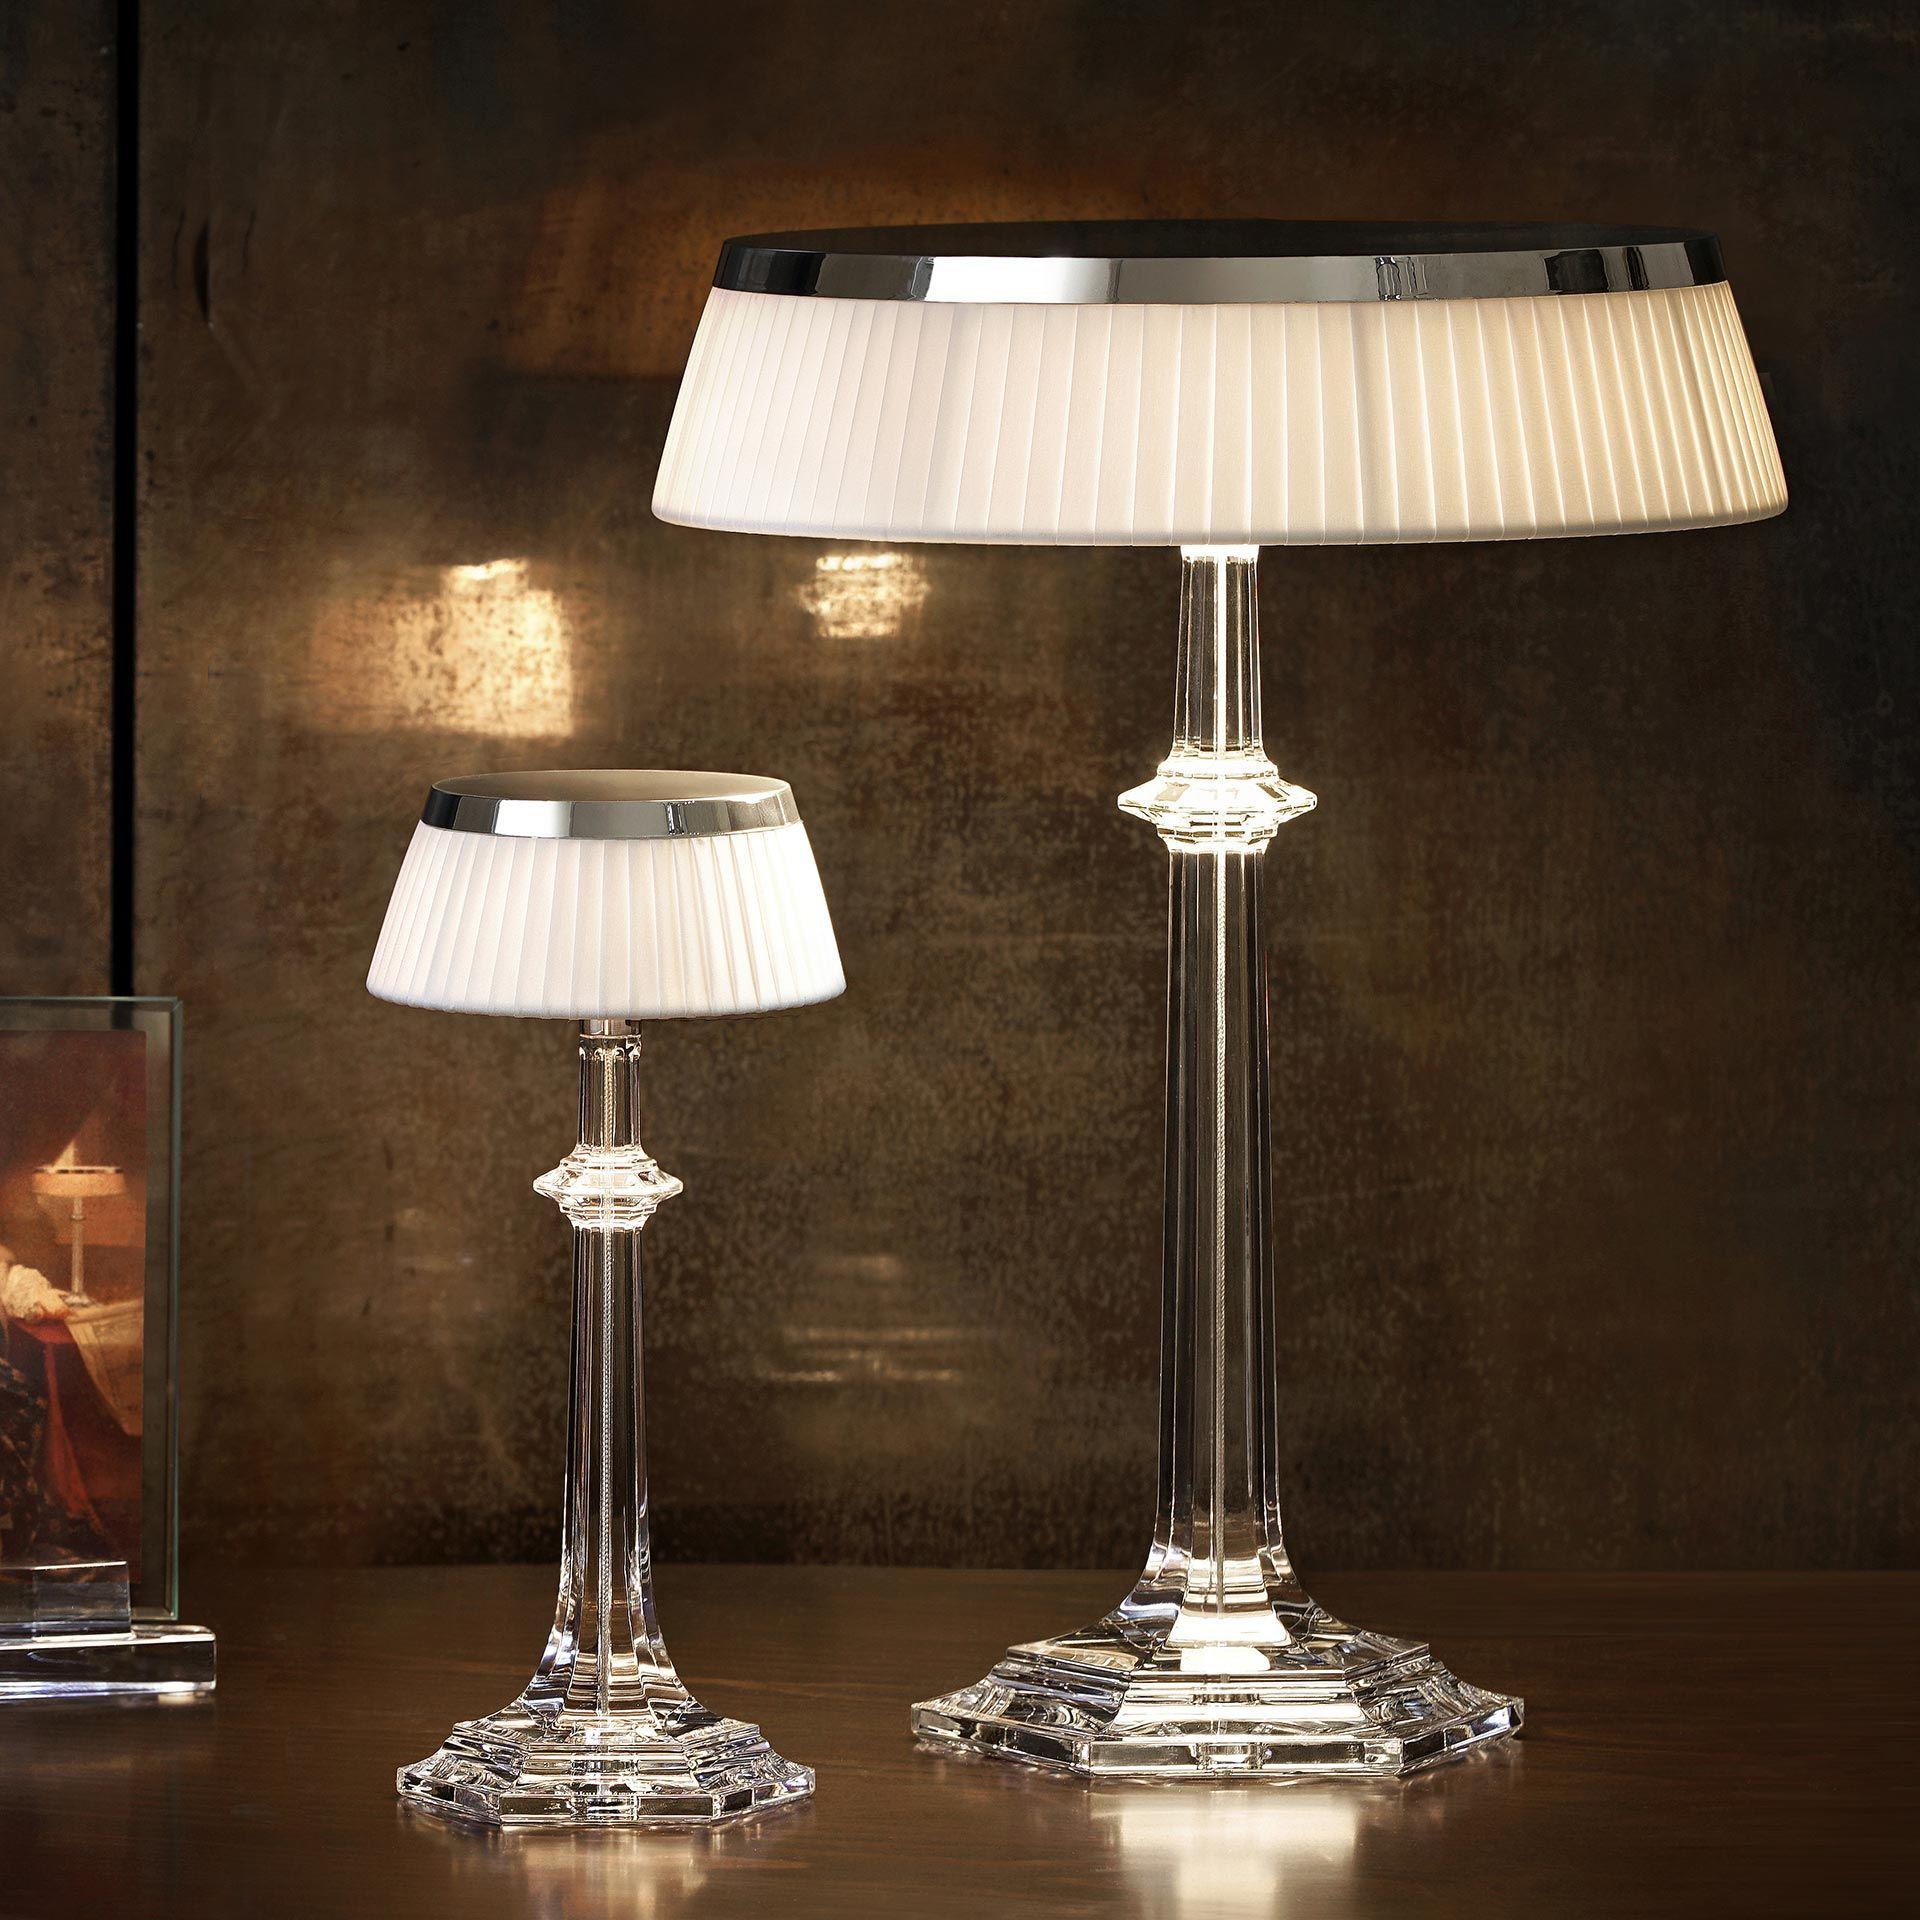 THE BACCARAT BON JOUR VERSAILLES LAMP